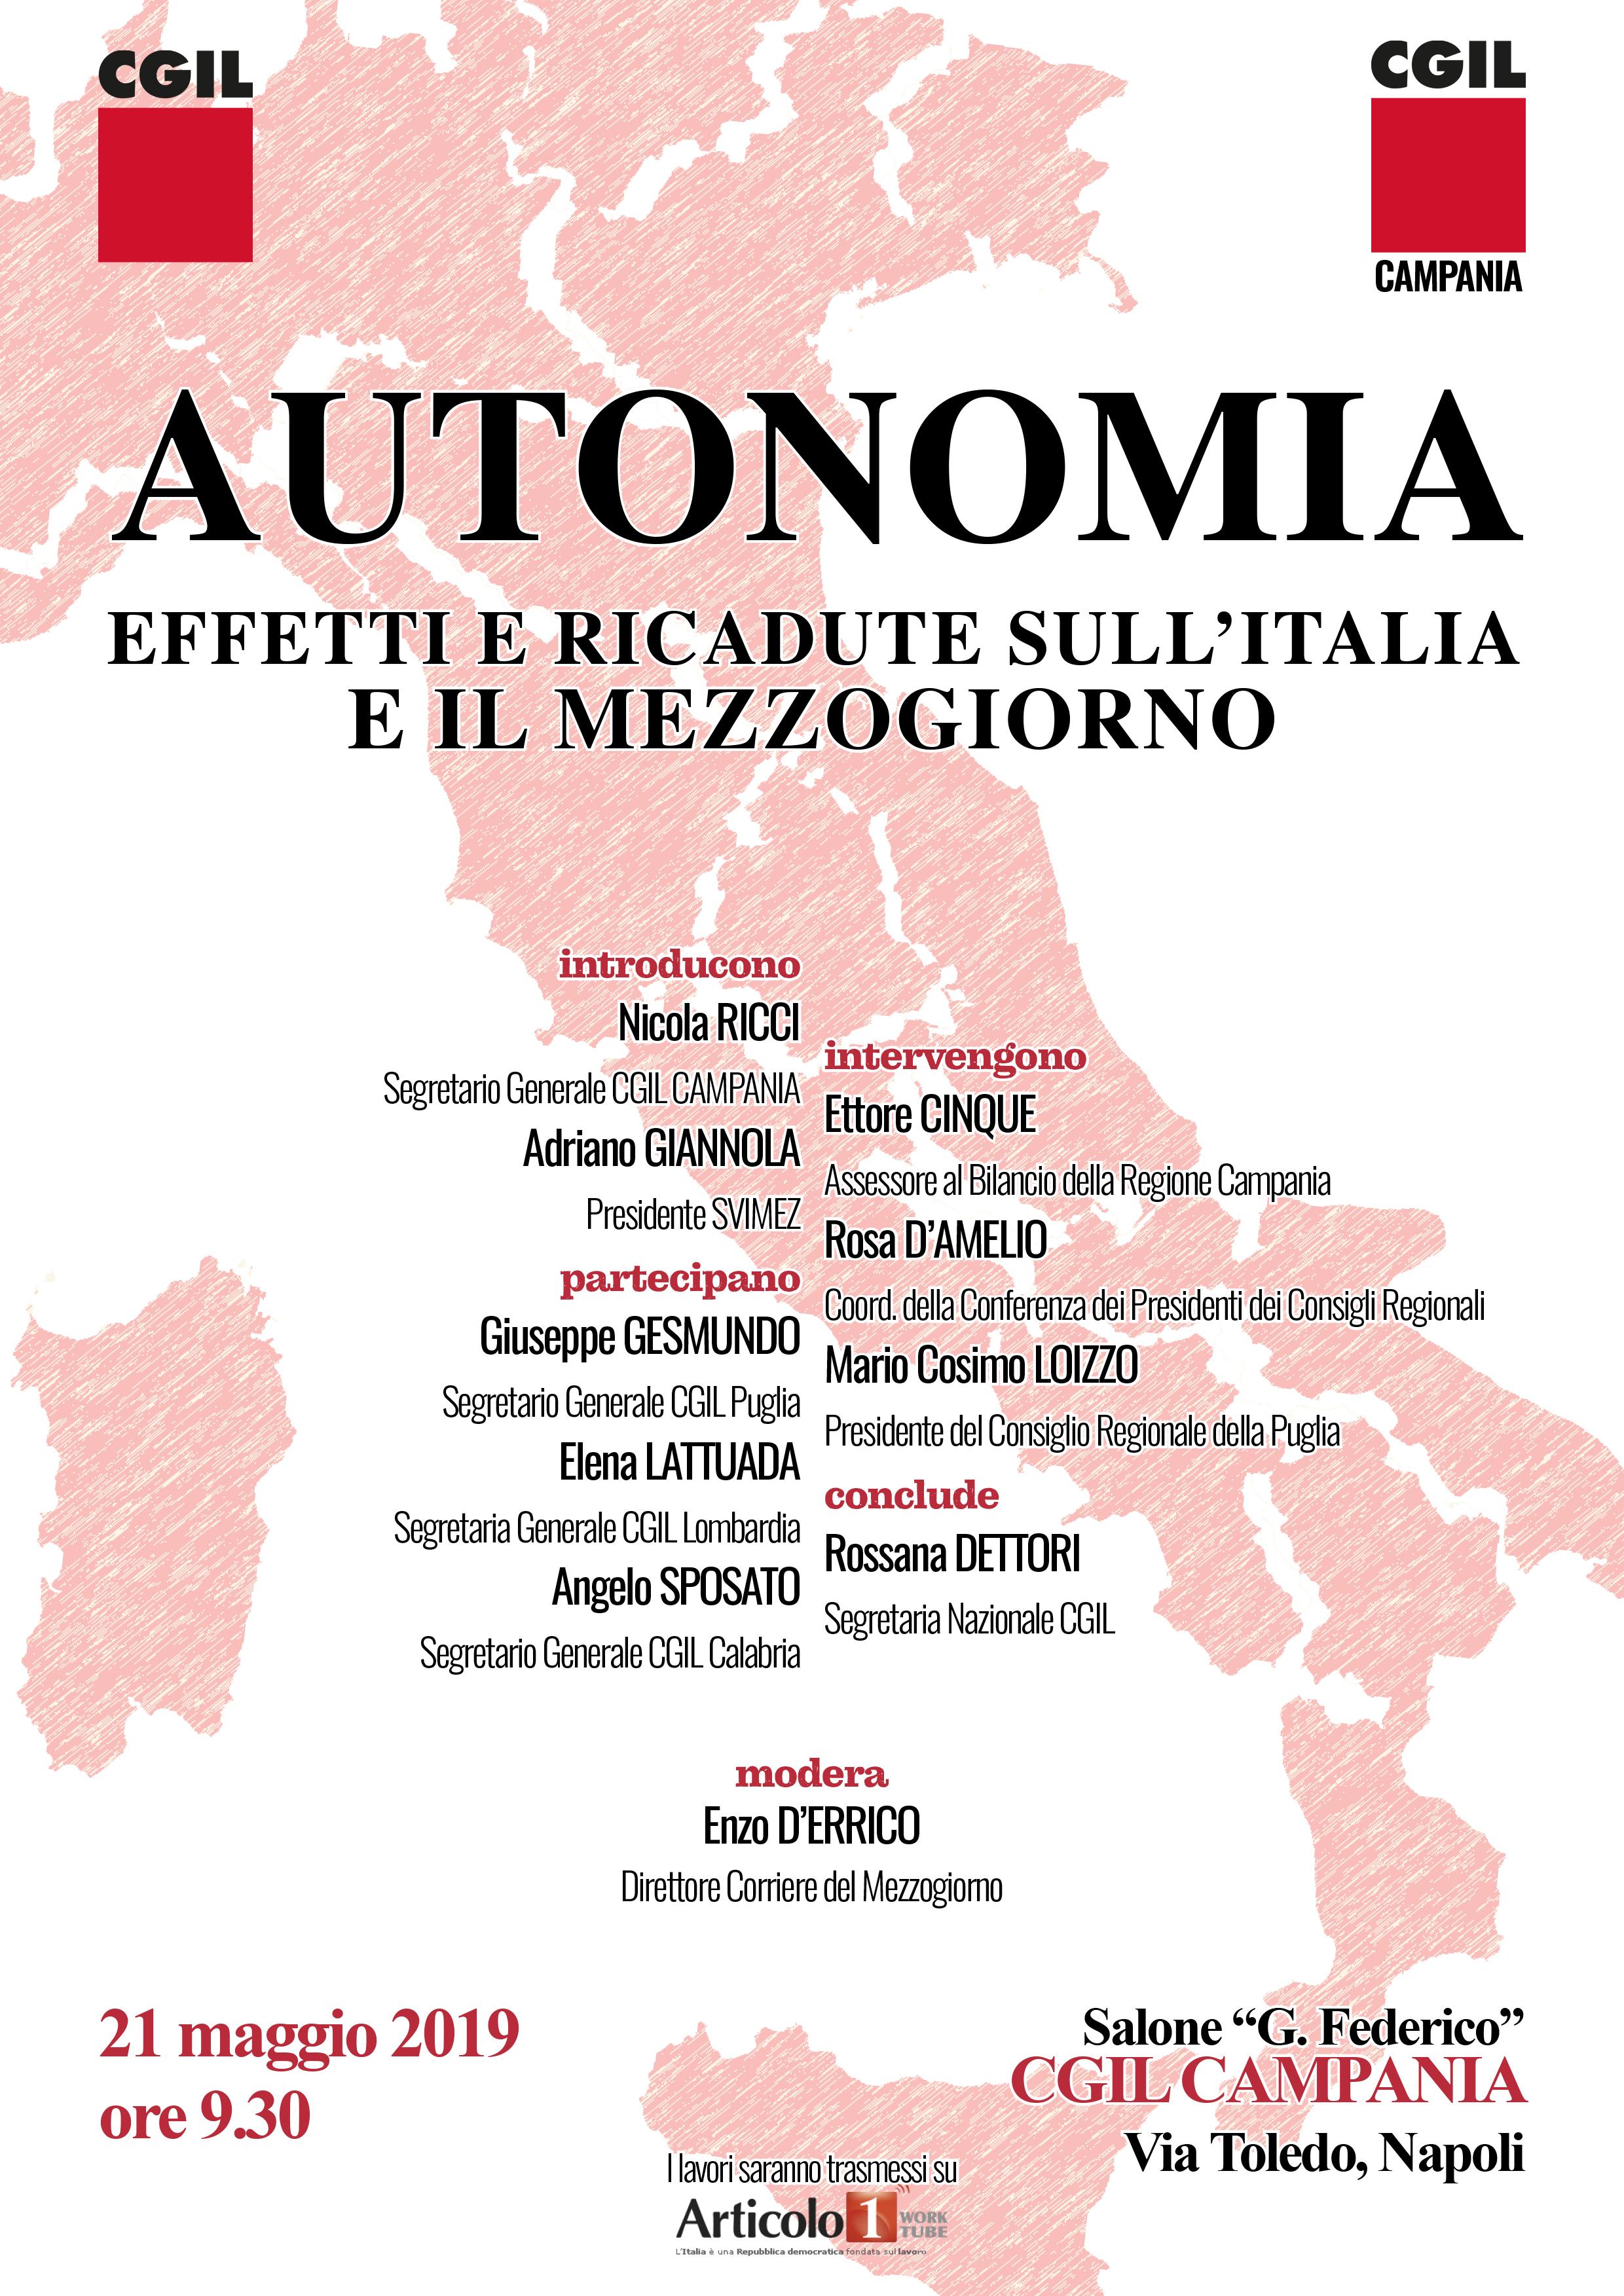 locandina iniziativa autonomia